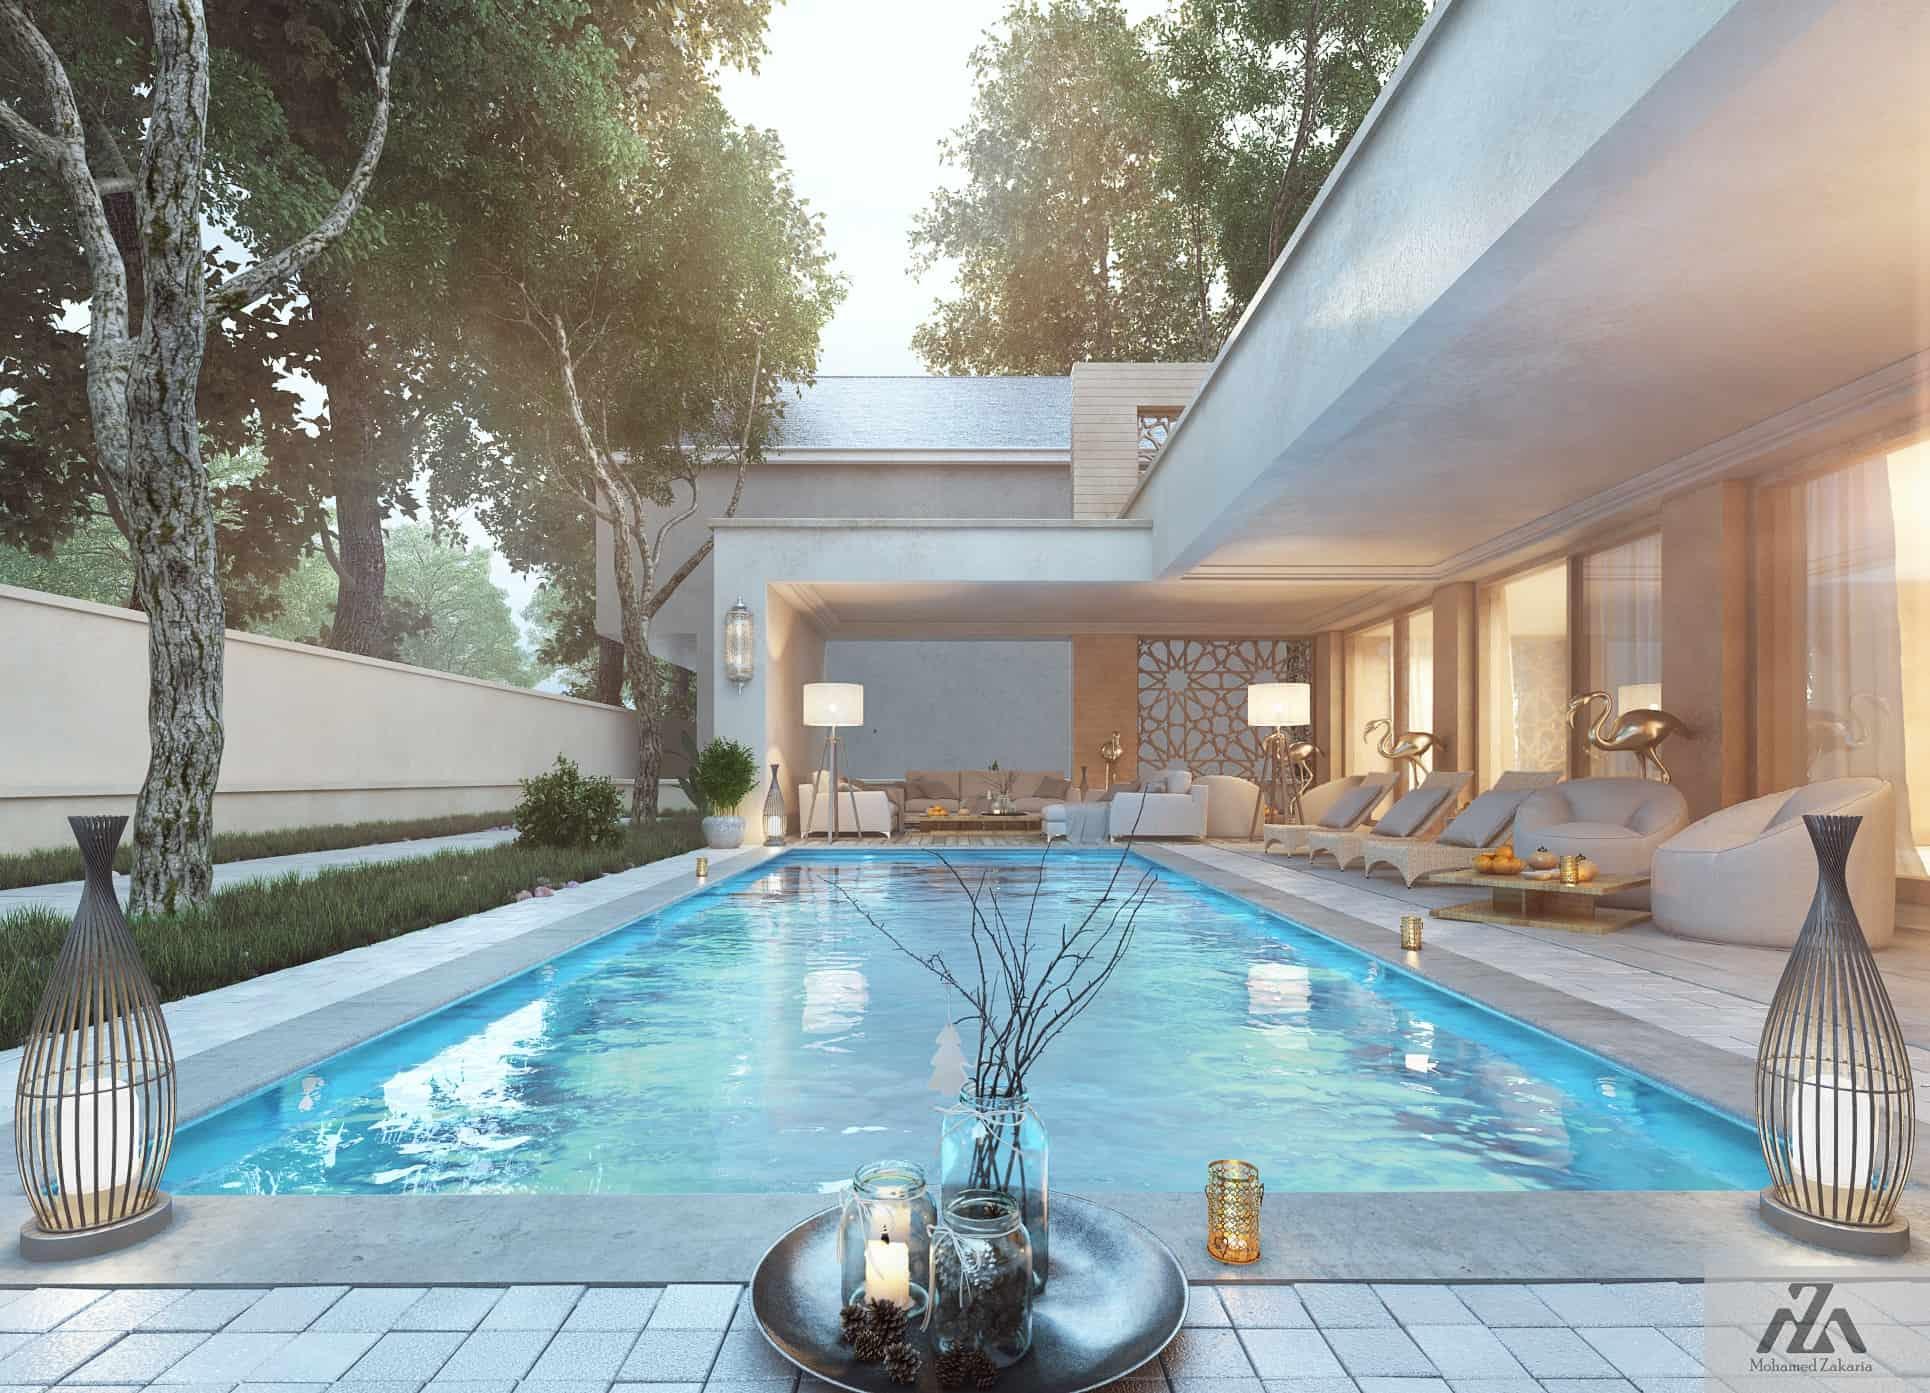 Arabic Modern House by Mohamed Zakaria - Design Ideas